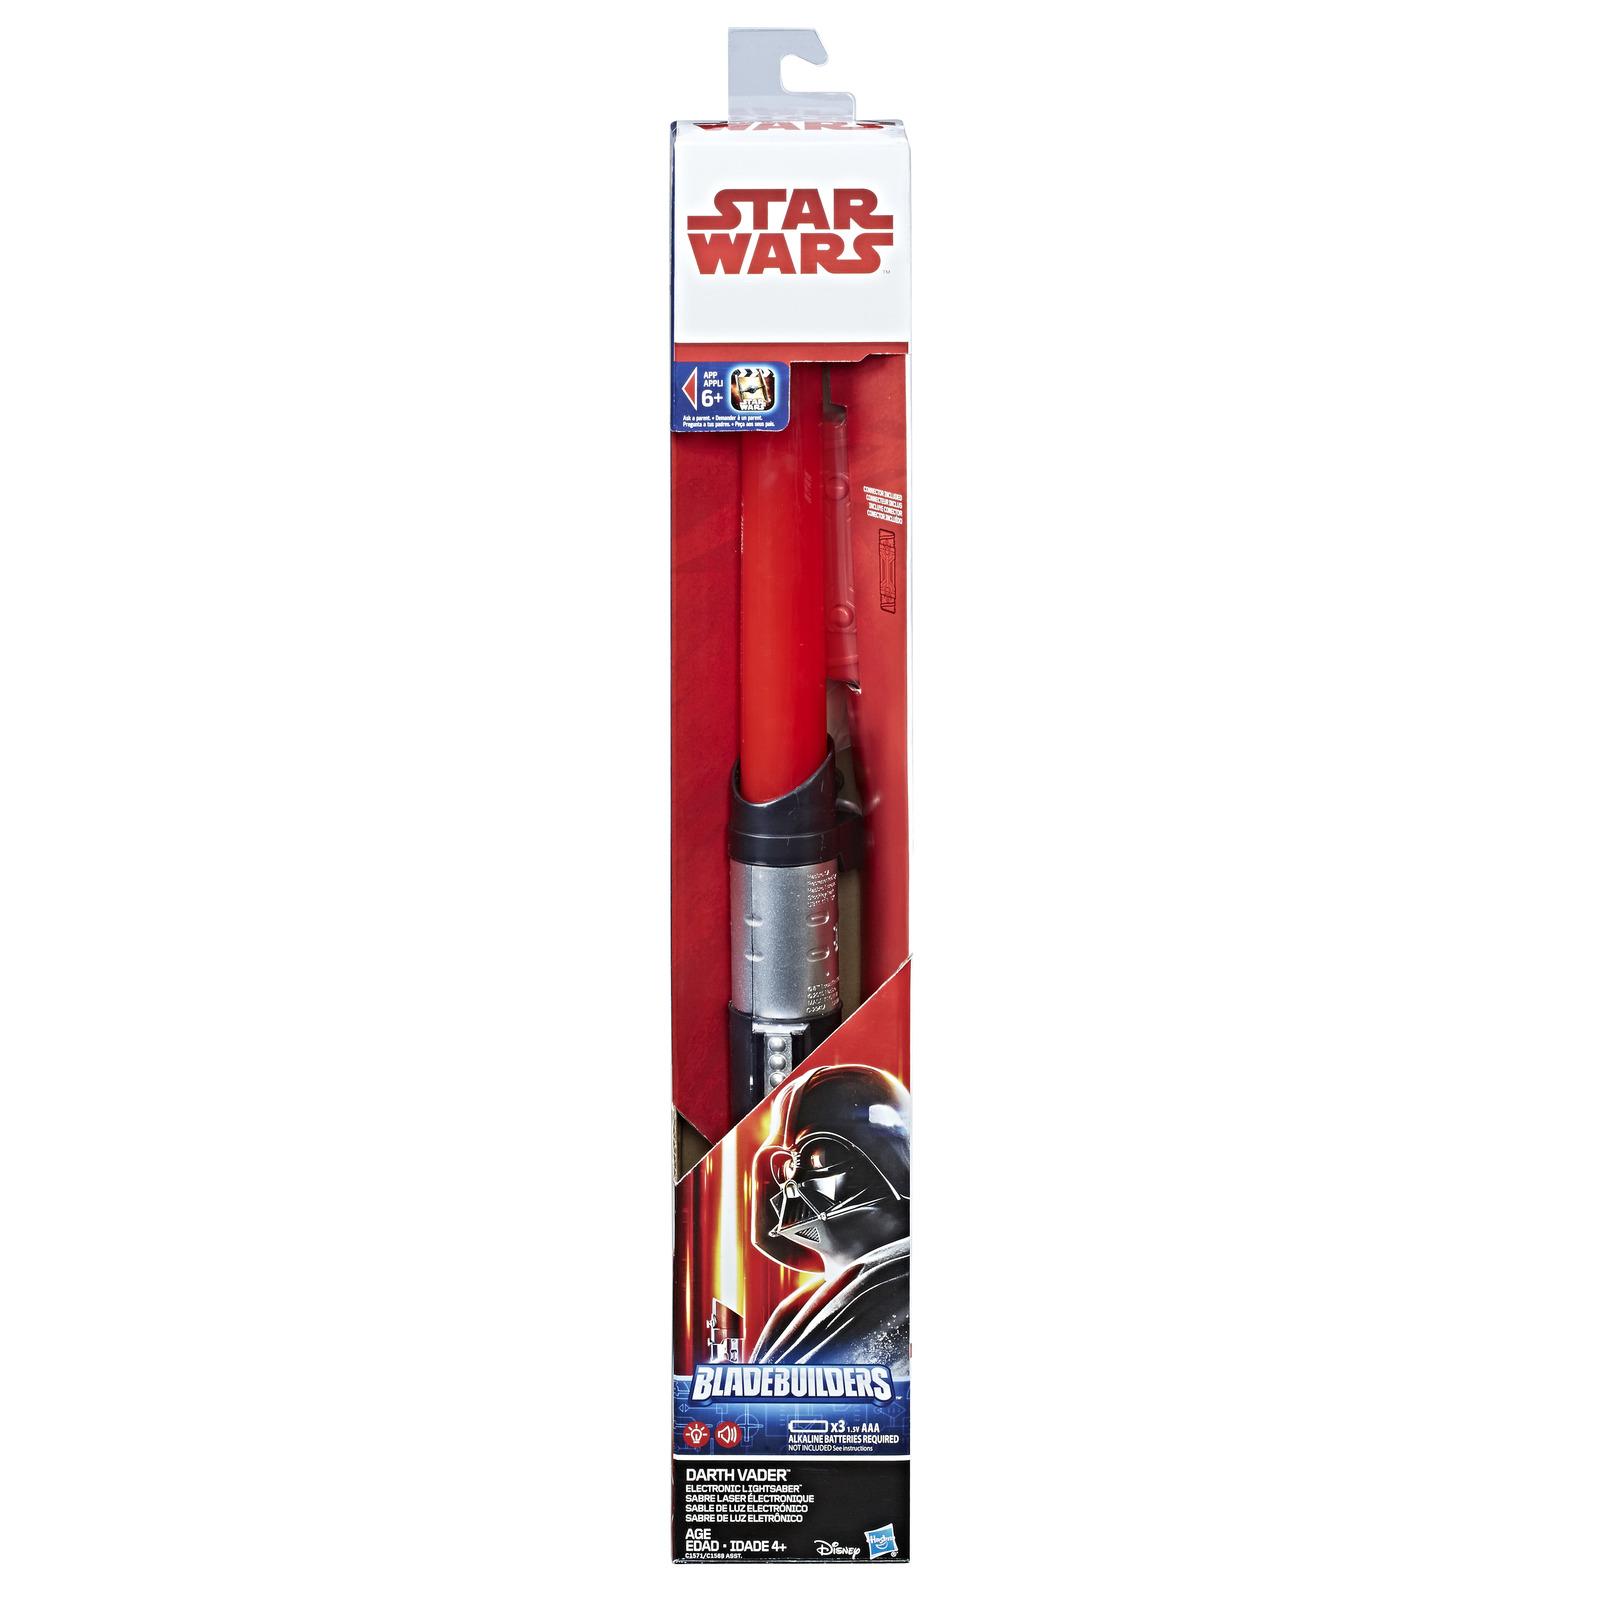 Star Wars: Electronic Lightsaber - Darth Vader image